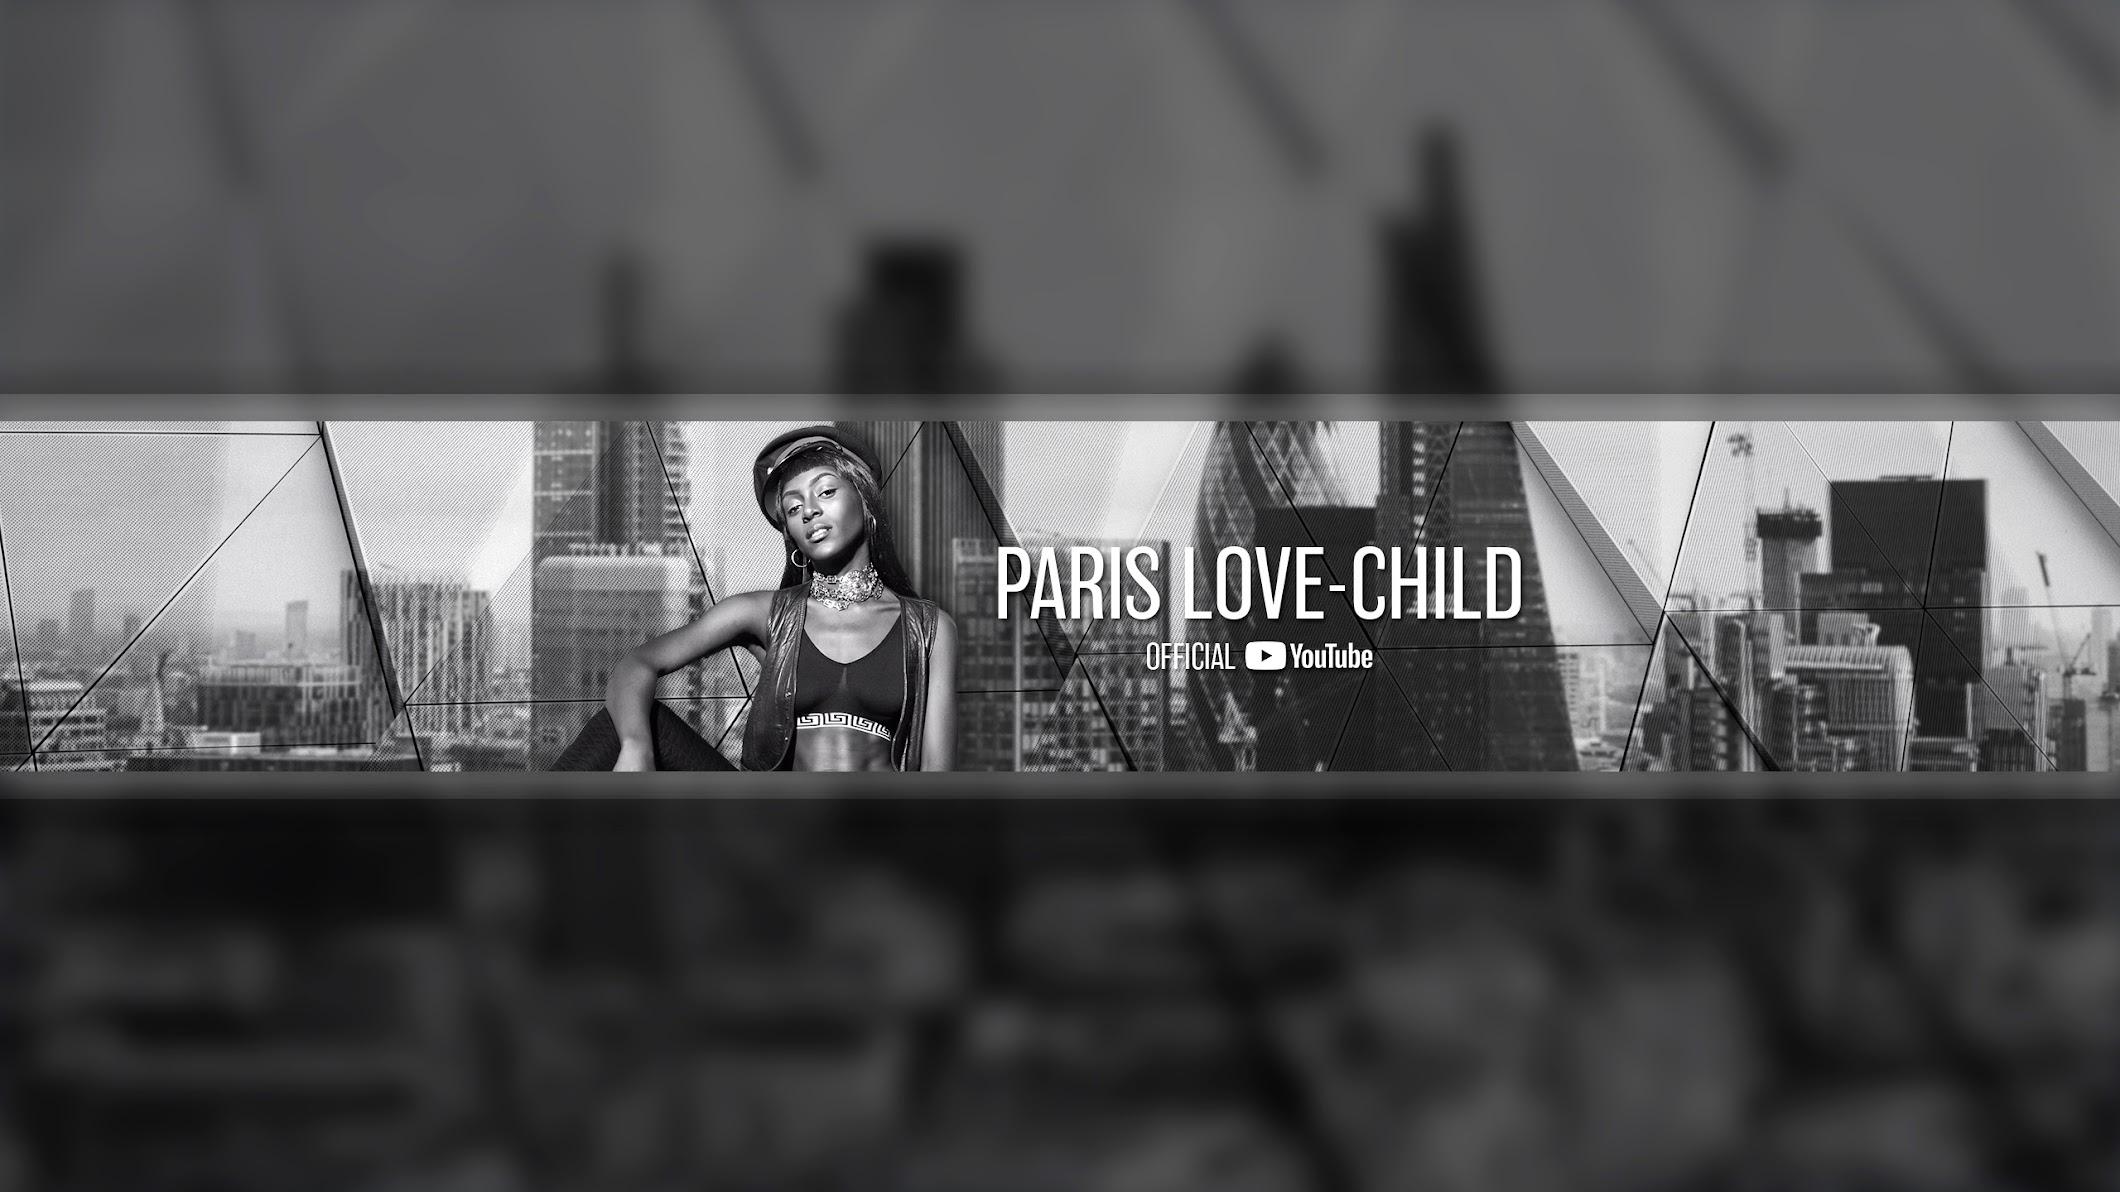 PARIS LOVE-CHILD